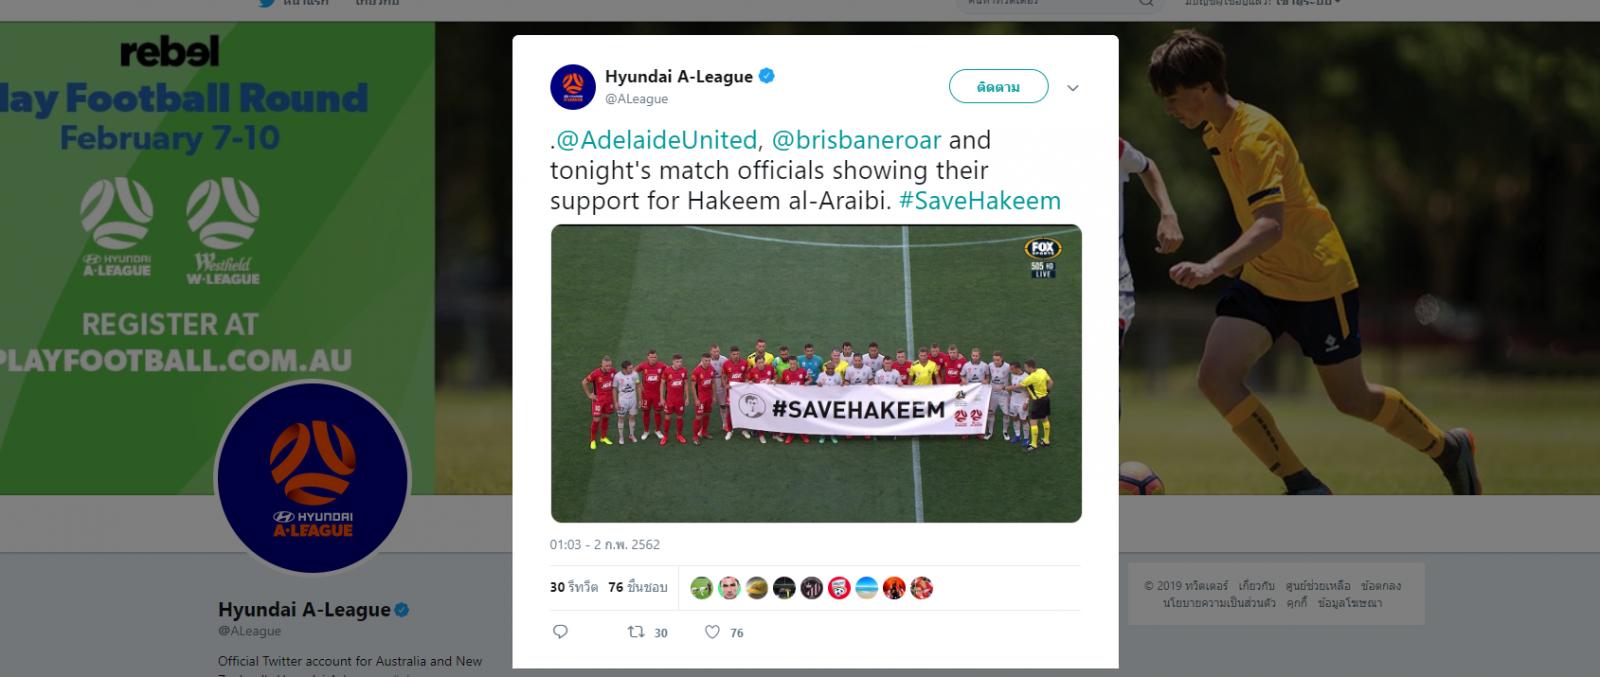 #SaveHakeem  คนในวงการฟุตบอลทั่วโลกเรียกร้องให้ฟีฟ่าเข้ามามีบทบาท